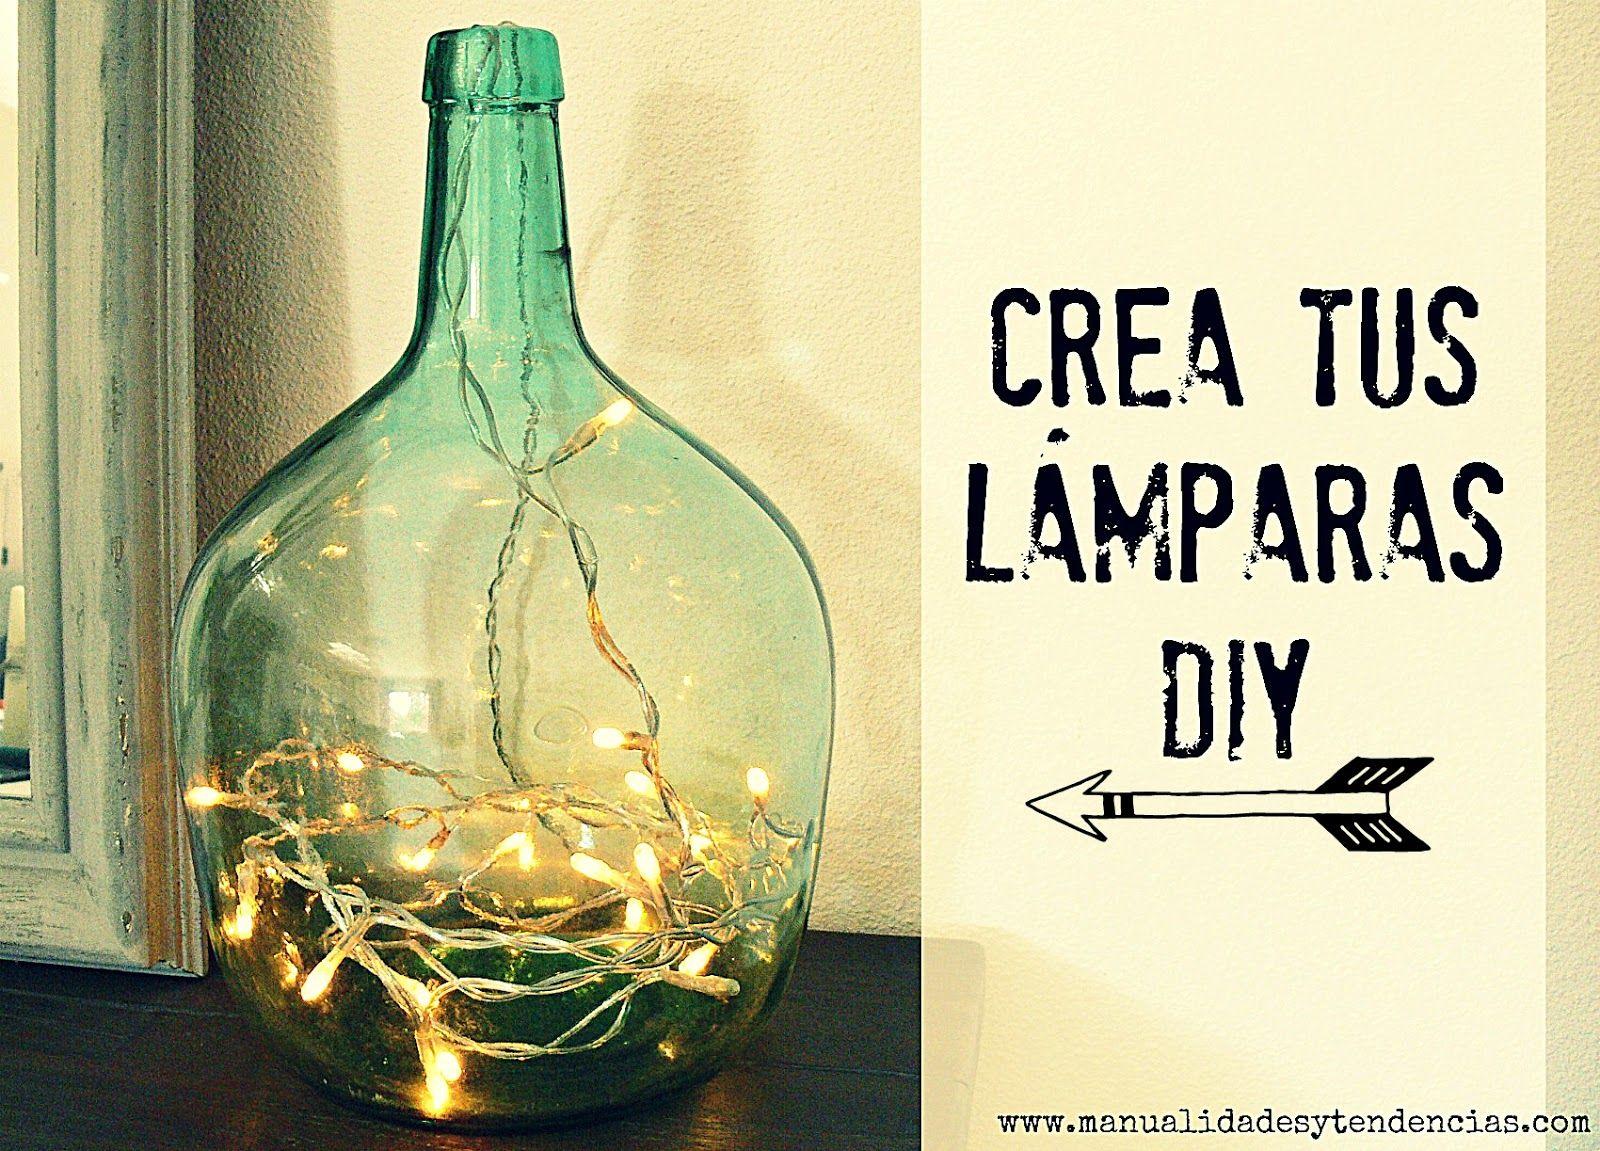 Como Hacer Lamparas Con Botellas De Vidrio Recicladas Lamparas Diy Lamparas Diy Decoracion De Unas Botellas De